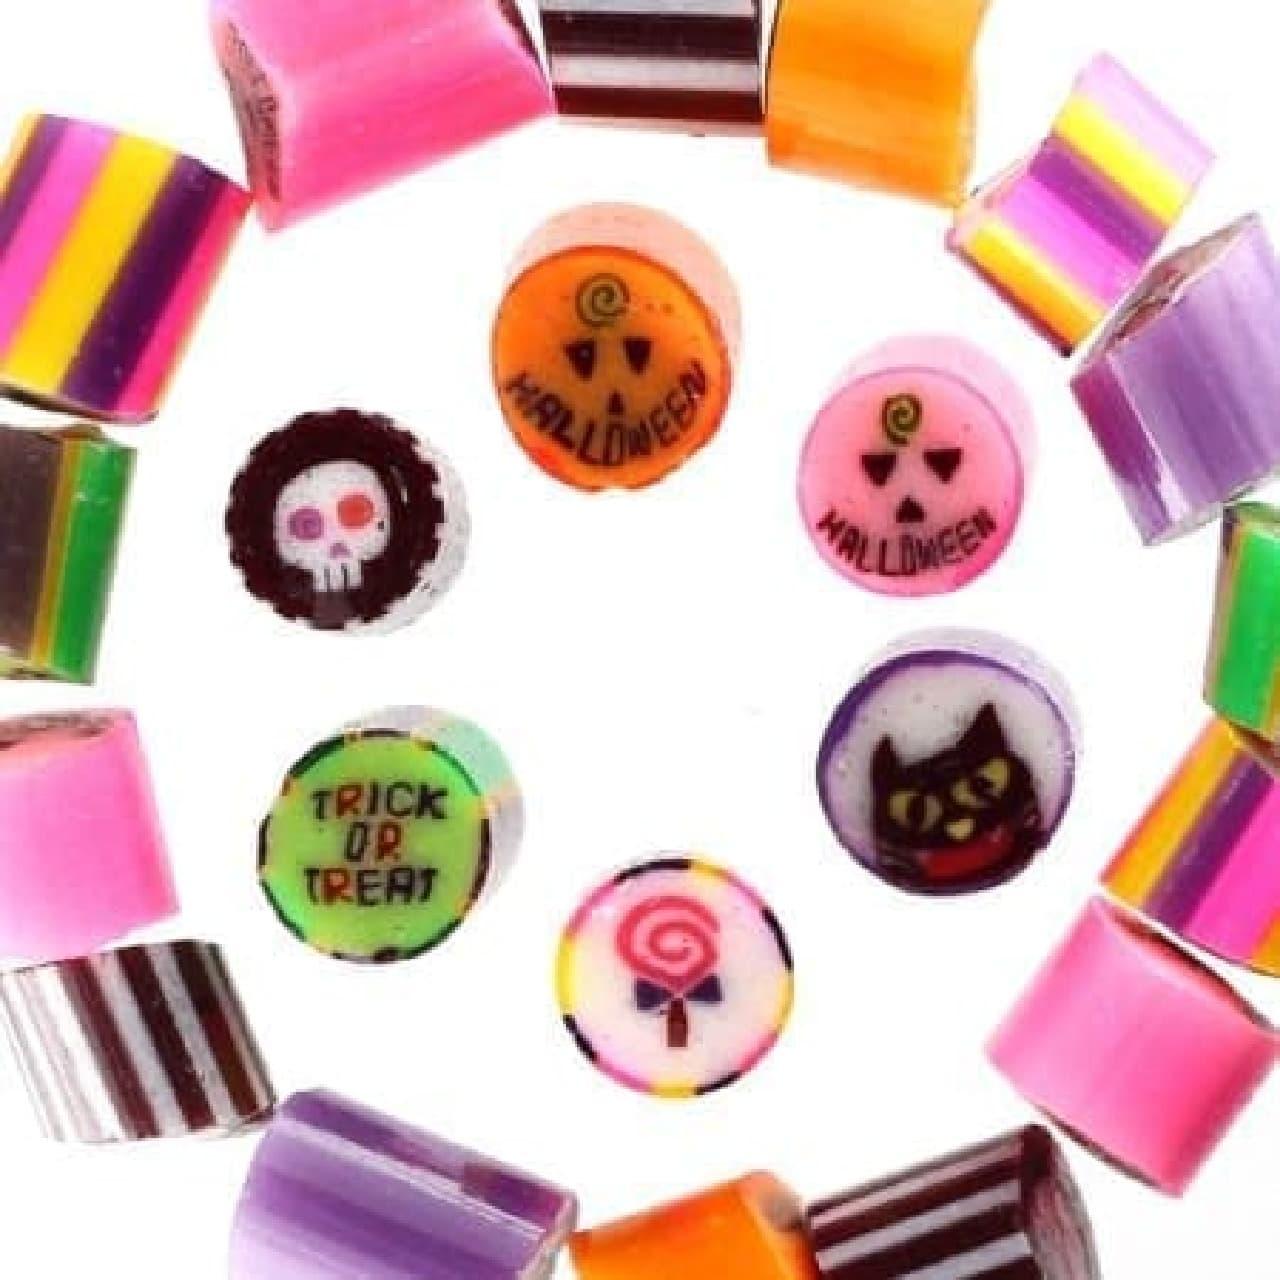 ころころカラフルなキャンディの詰め合わせ!  (出典:キャンディー・ショータイム公式サイト)